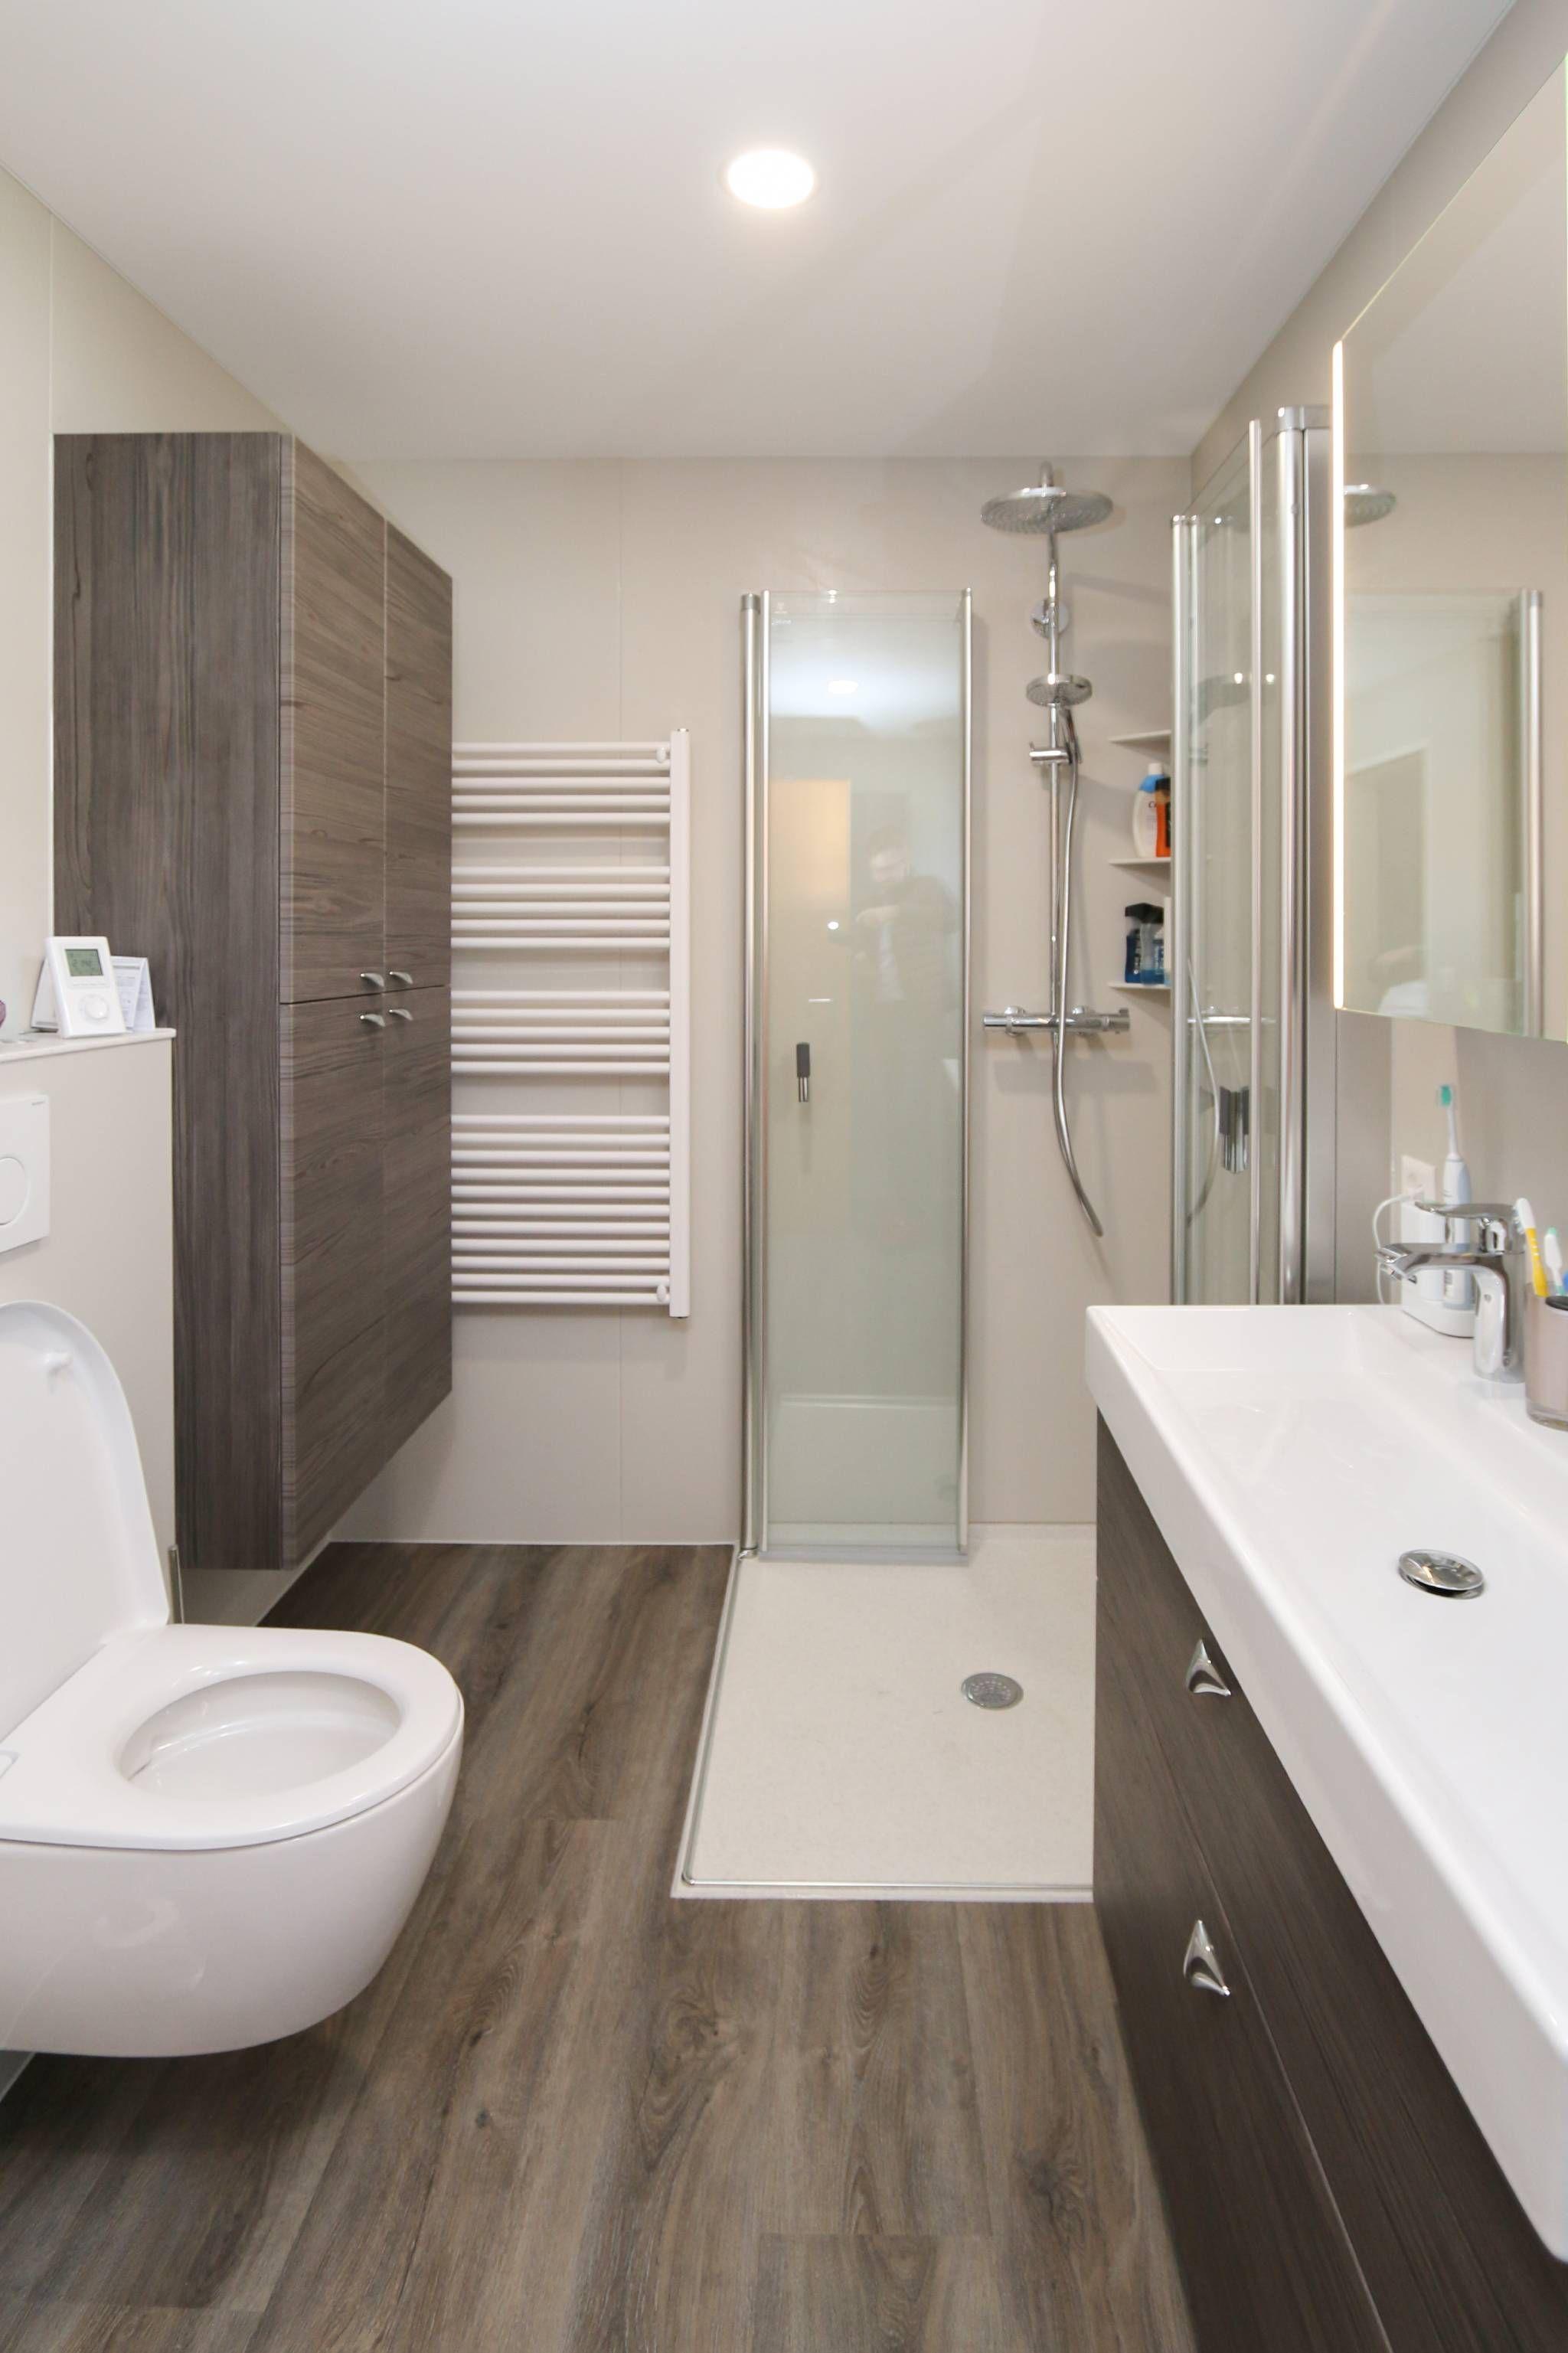 Familie Hagmann Hat Ihr Komplettes Badezimmer Von Viterma